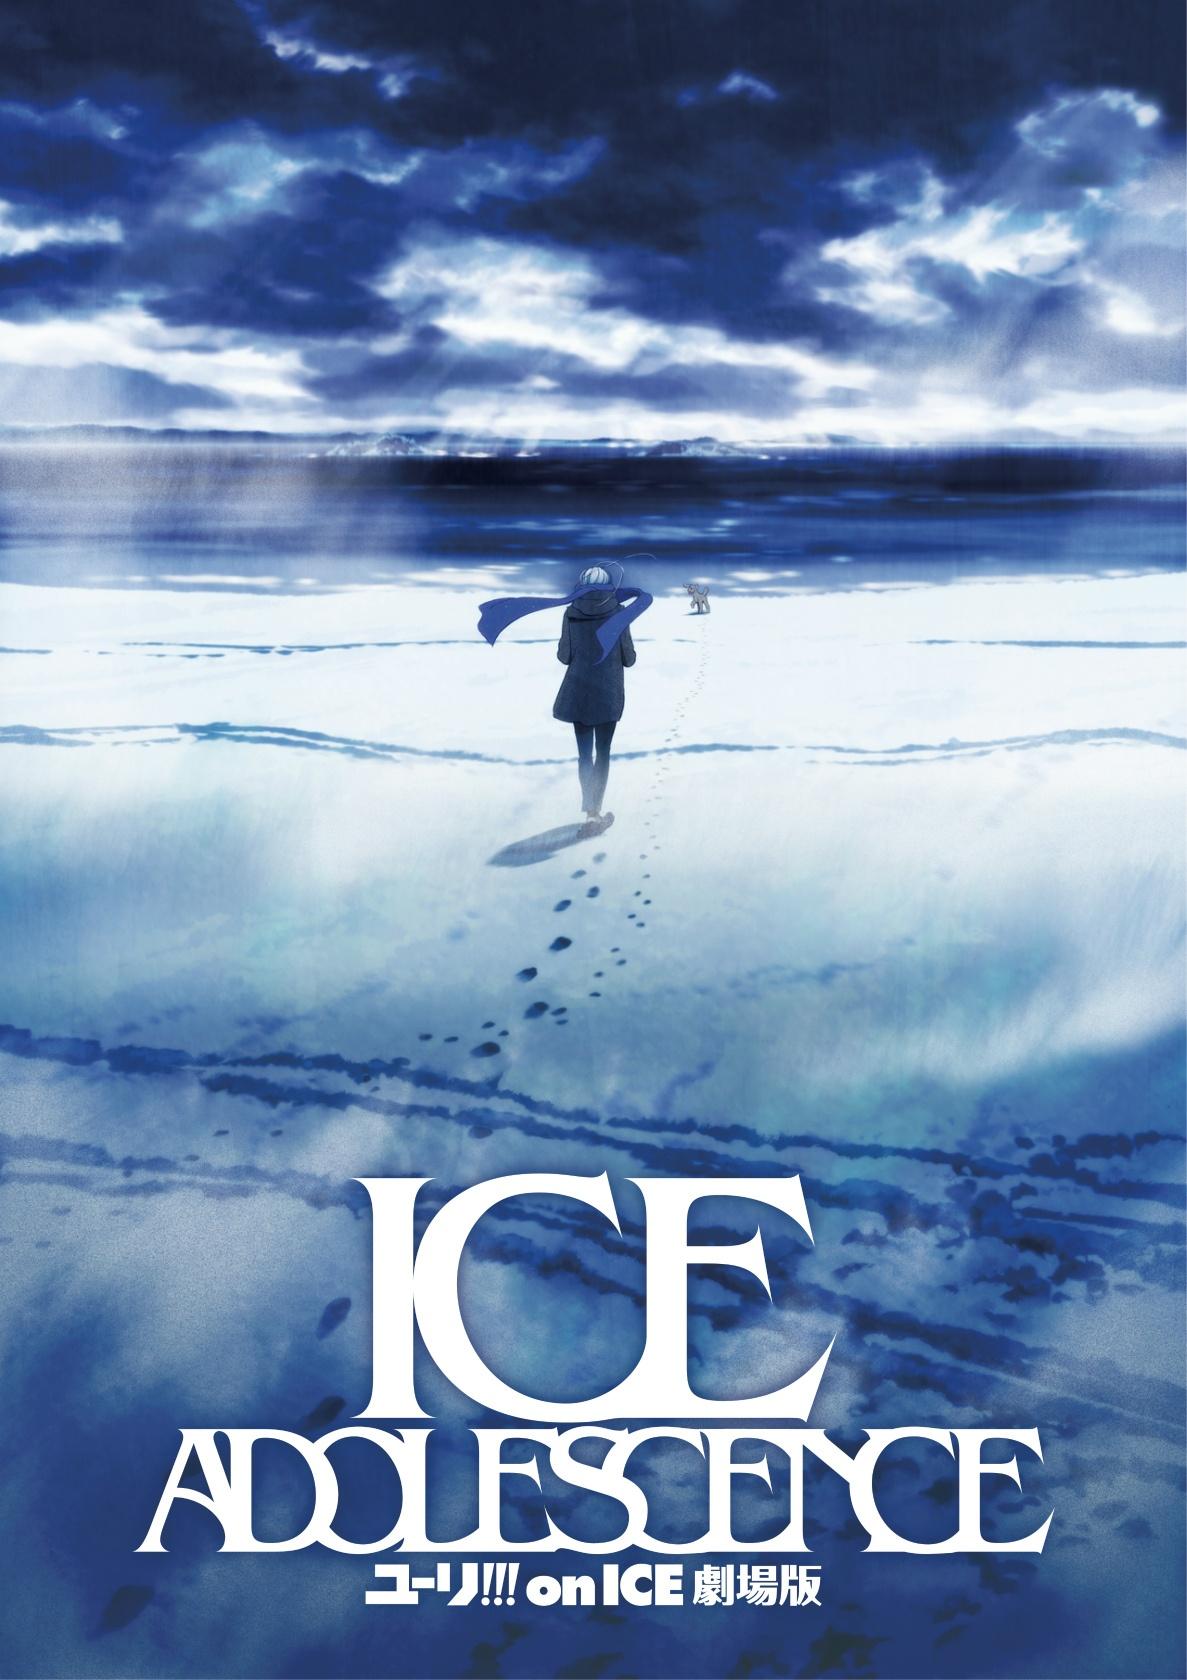 完全オリジナルストーリーで映画化!『ユーリ!!! on ICE 劇場版』は2019年公開